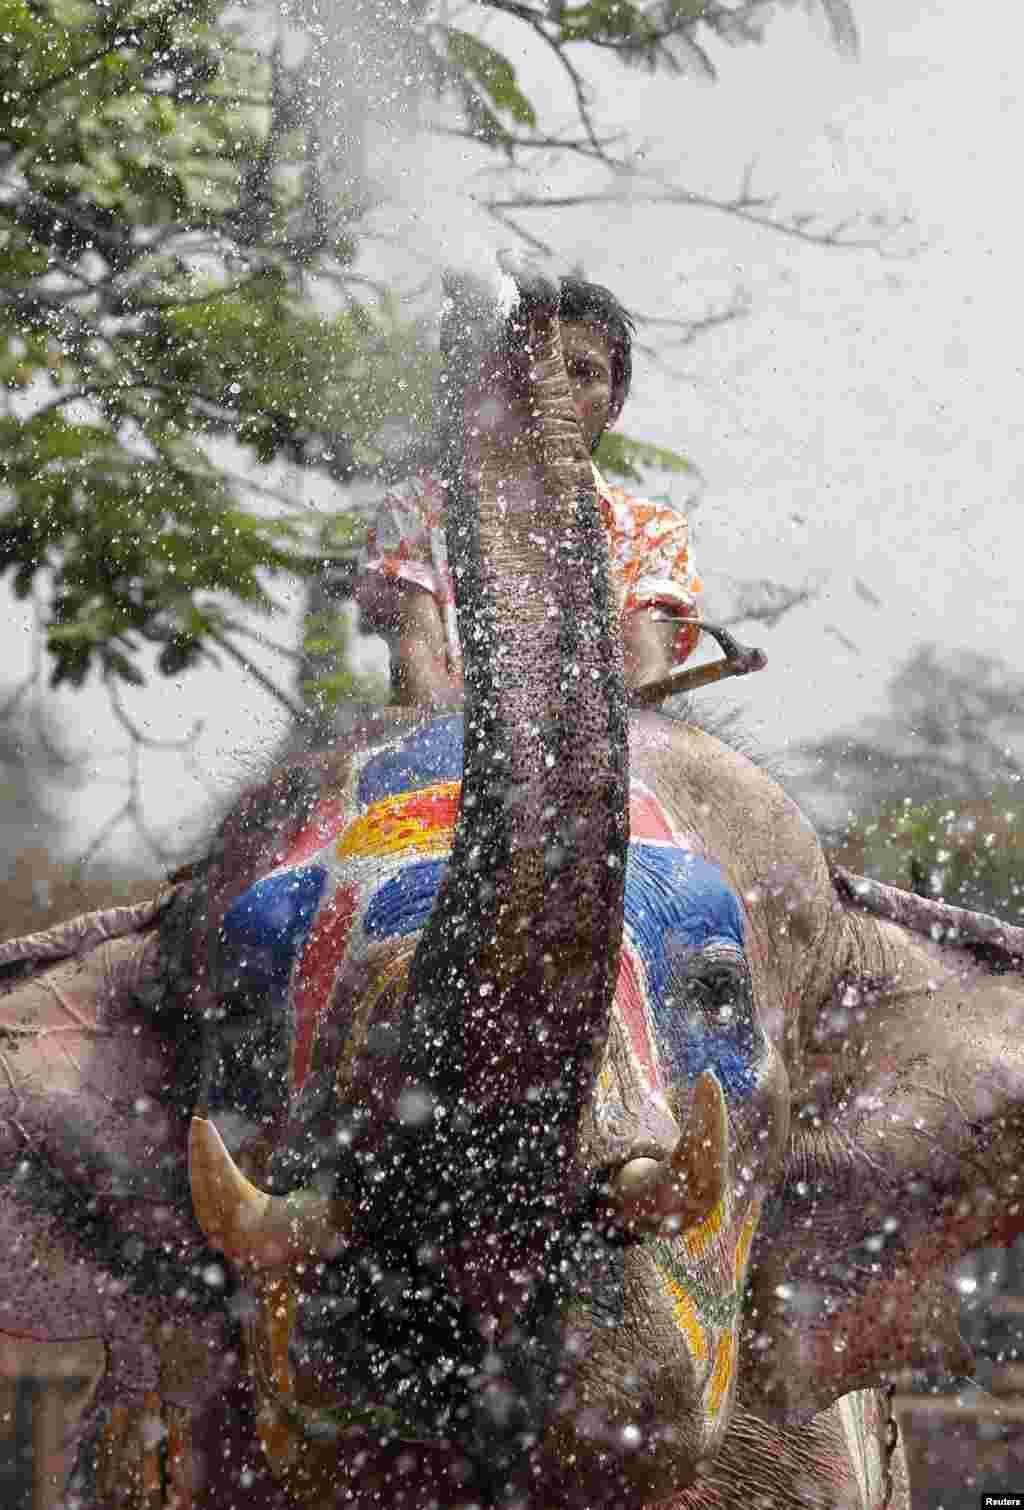 ایک ہاتھی اپنی سونڈھ سے پانی پھینک رہا ہے۔